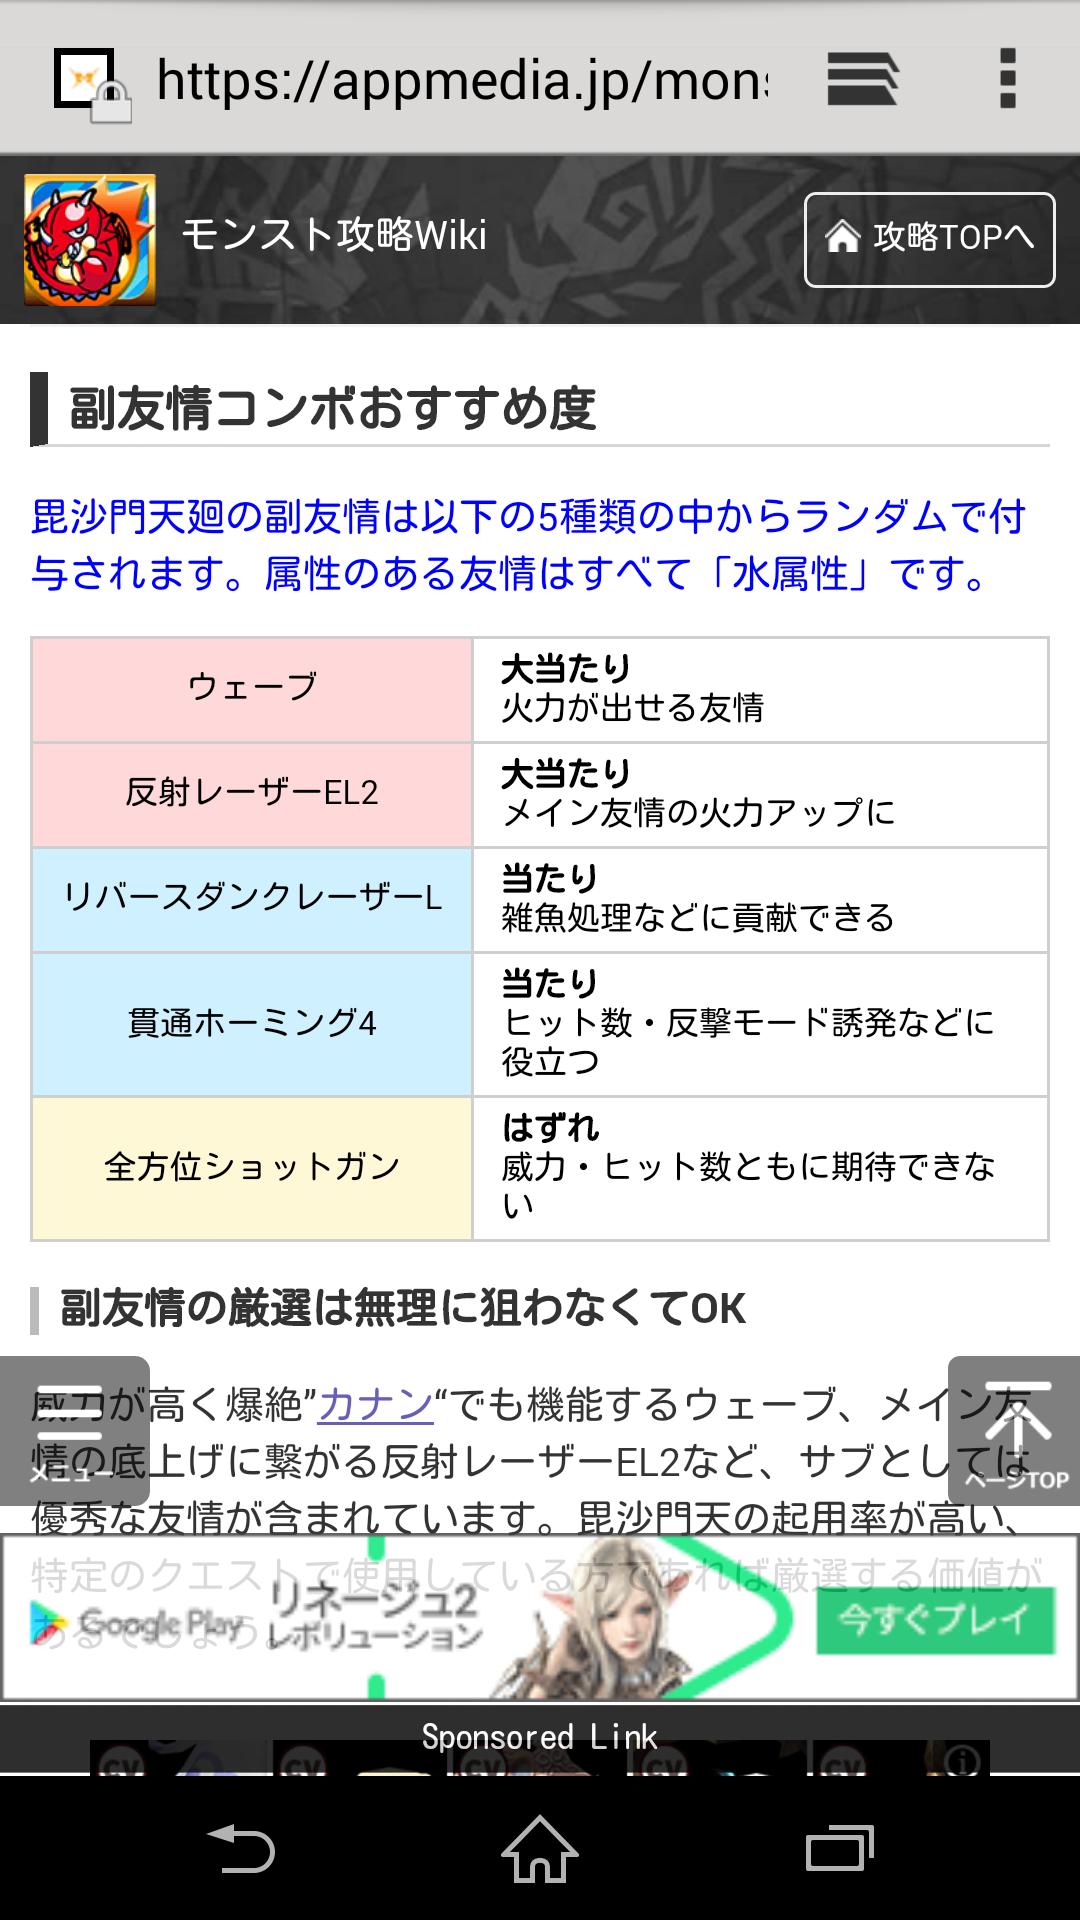 モンスト好きな人集まれPart6【雑談】